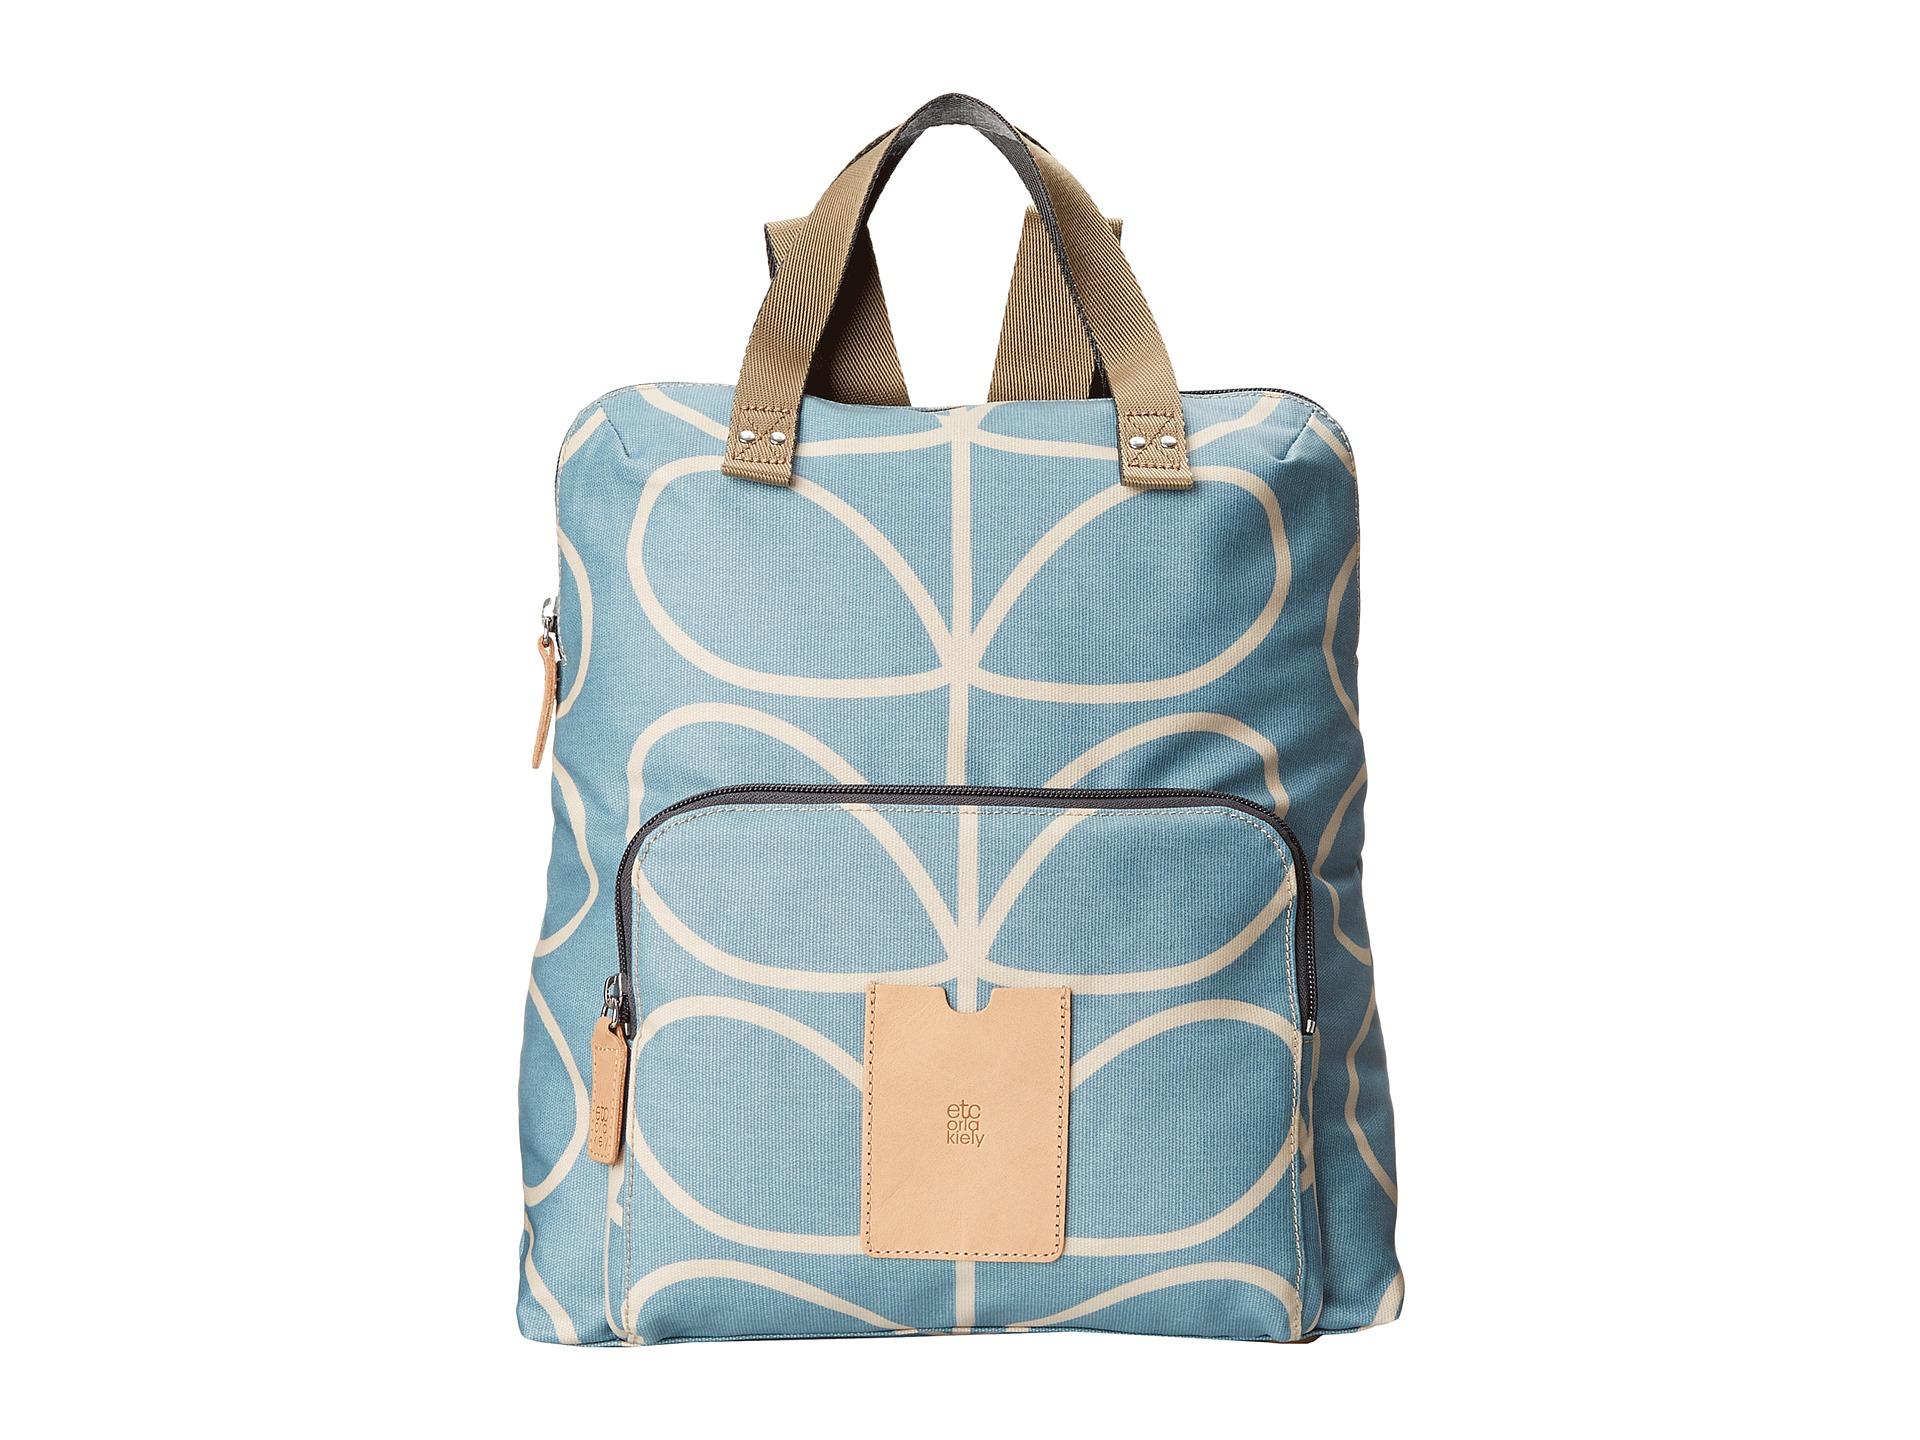 96c64cb9d5f6 Lyst - Orla Kiely Matt Laminated Giant Linear Stem Print Backpack ...